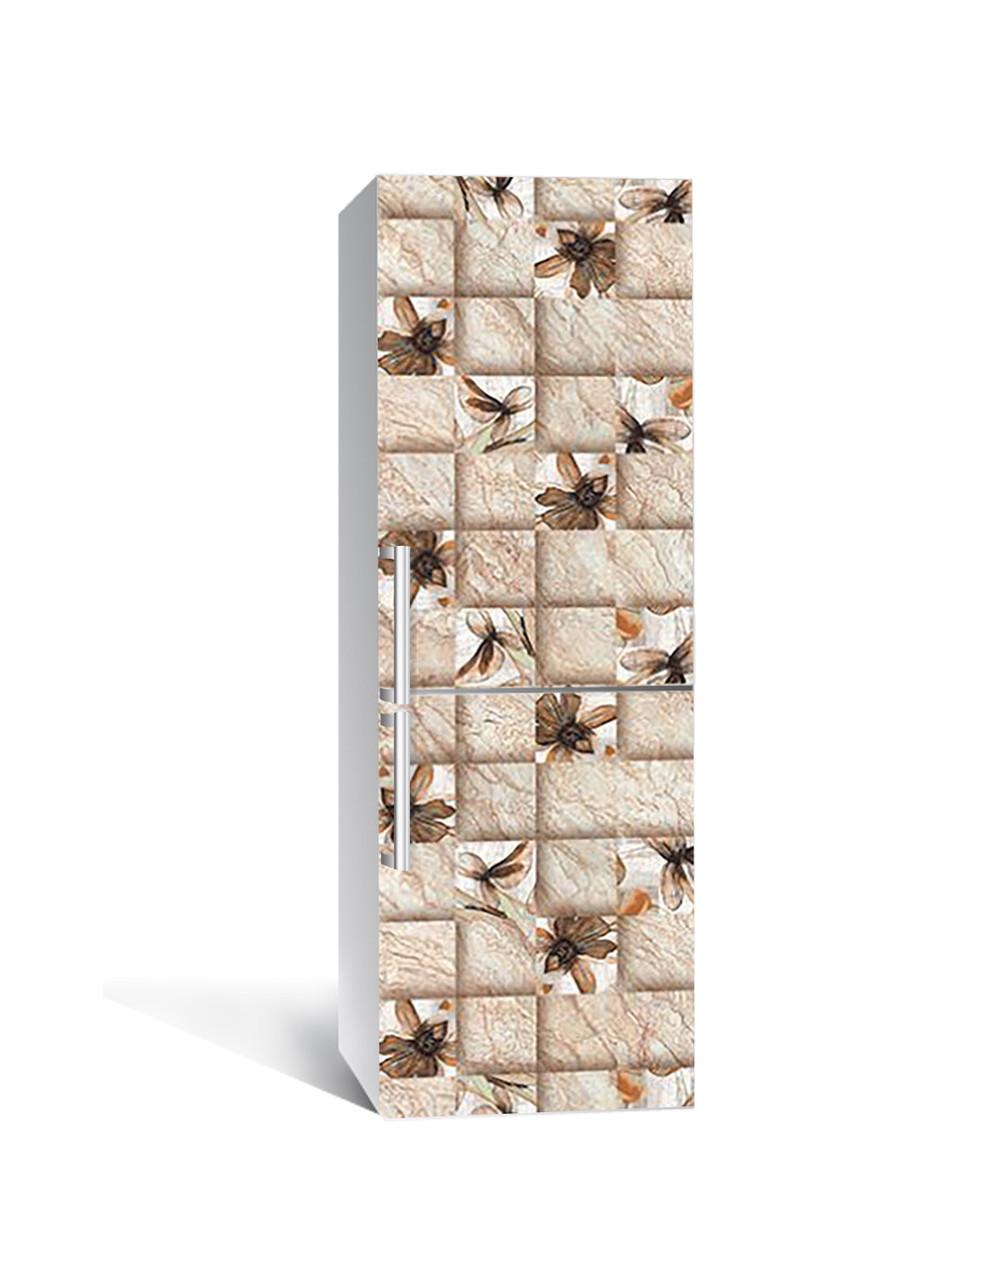 Вінілова 3Д наклейка на холодильник вохристих плитка Квадрат (плівка ПВХ фотодрук) 65*200см Геометрія Бежевий